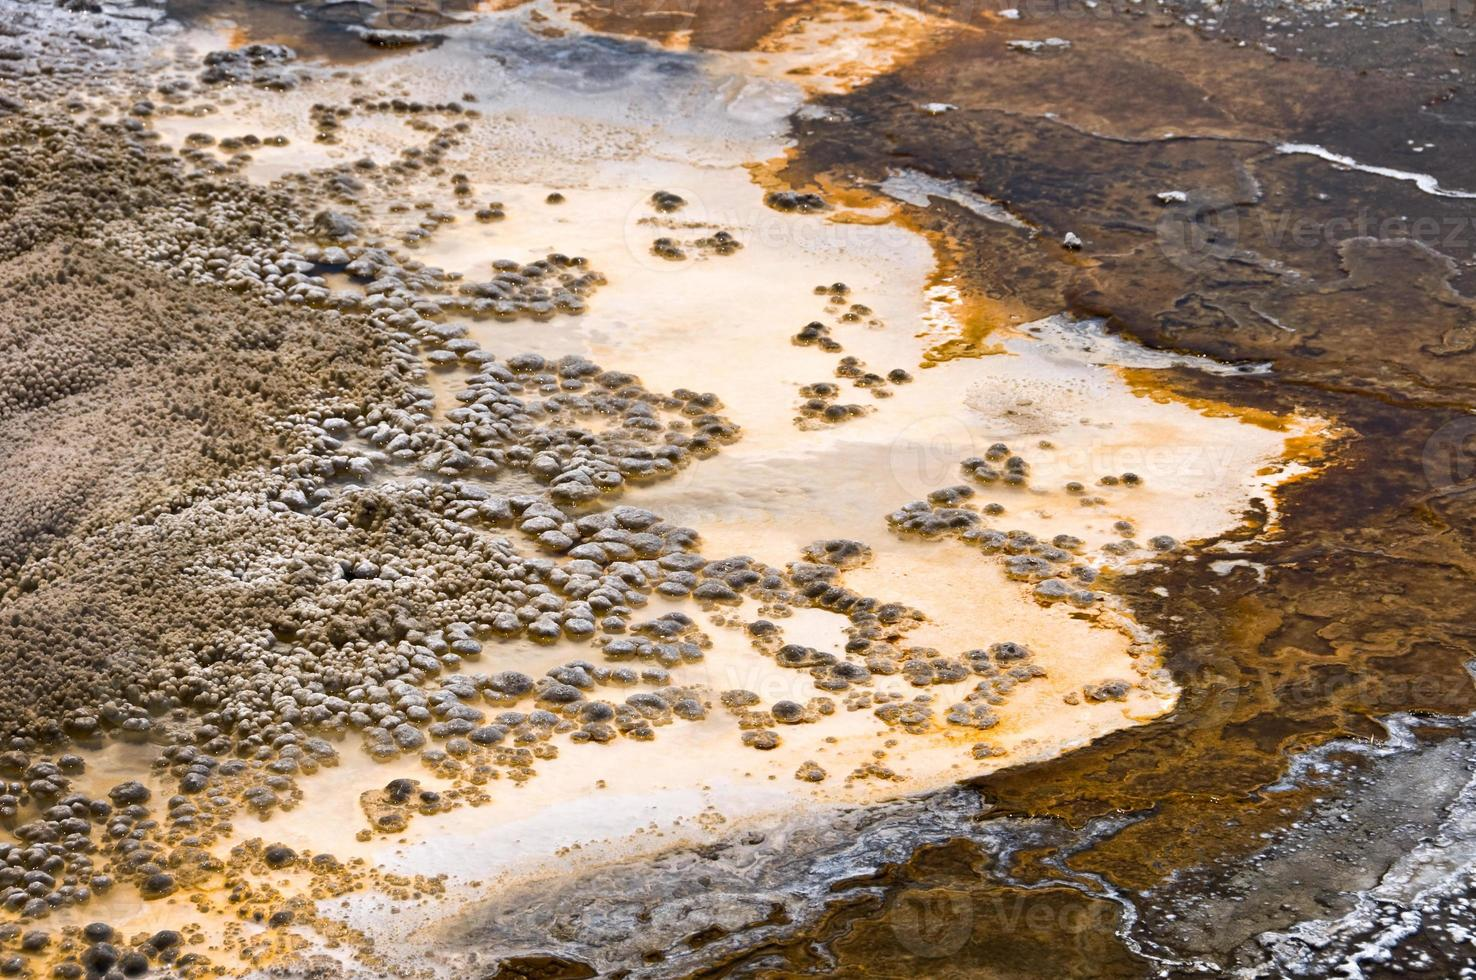 Upper Geiser Basin, Yellowstone National Park, Verenigde Staten foto